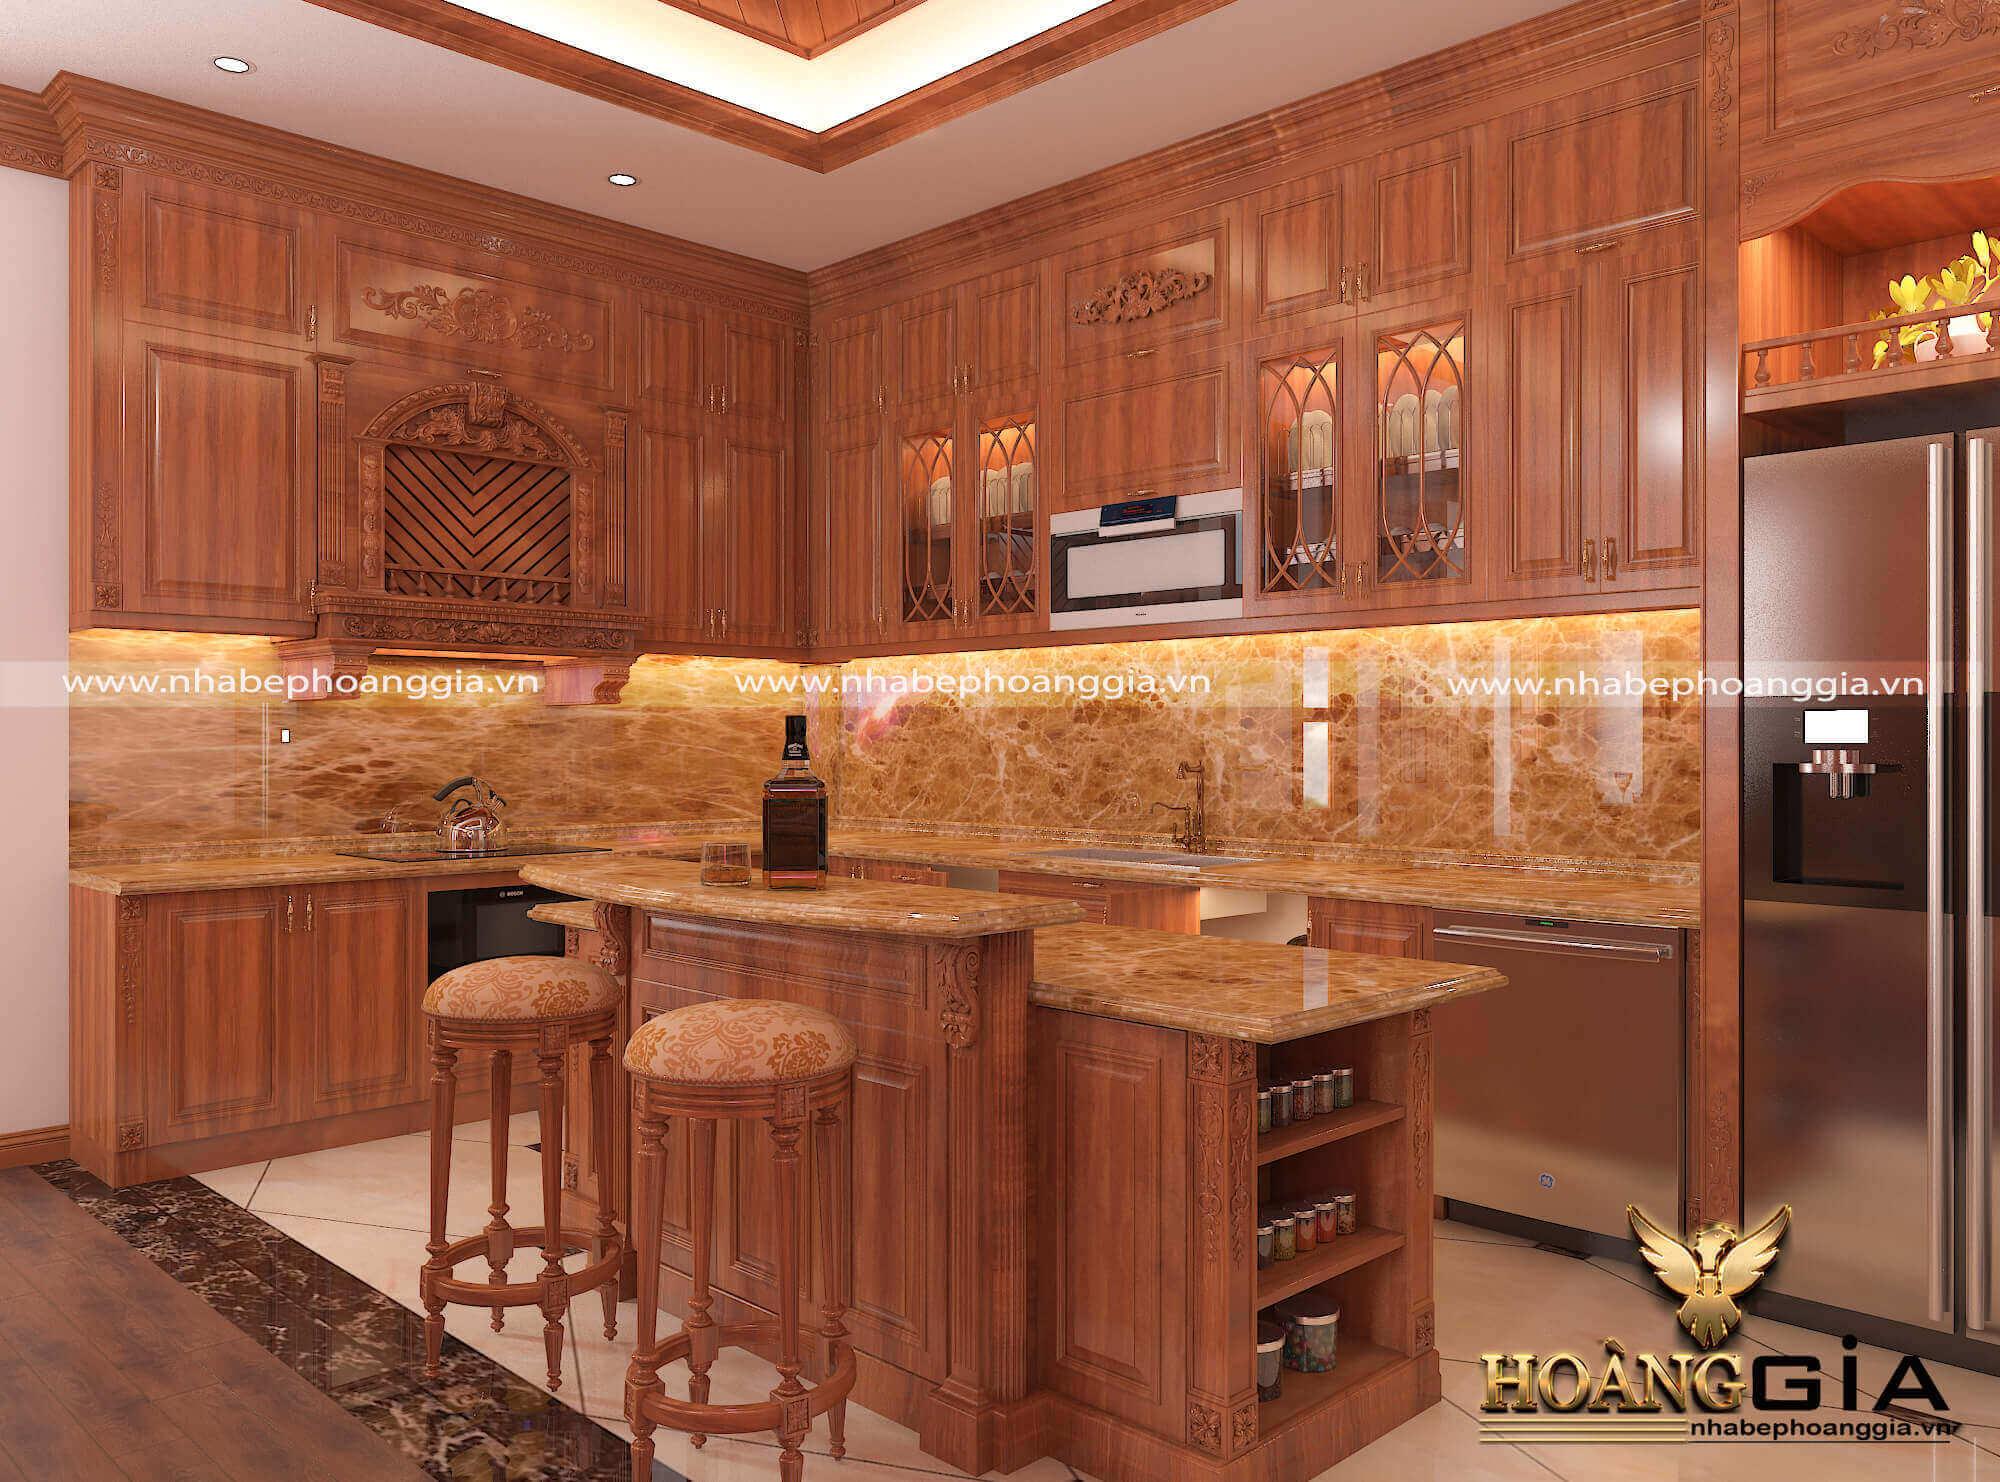 bảng giá tủ bếp gỗ gõ đỏ